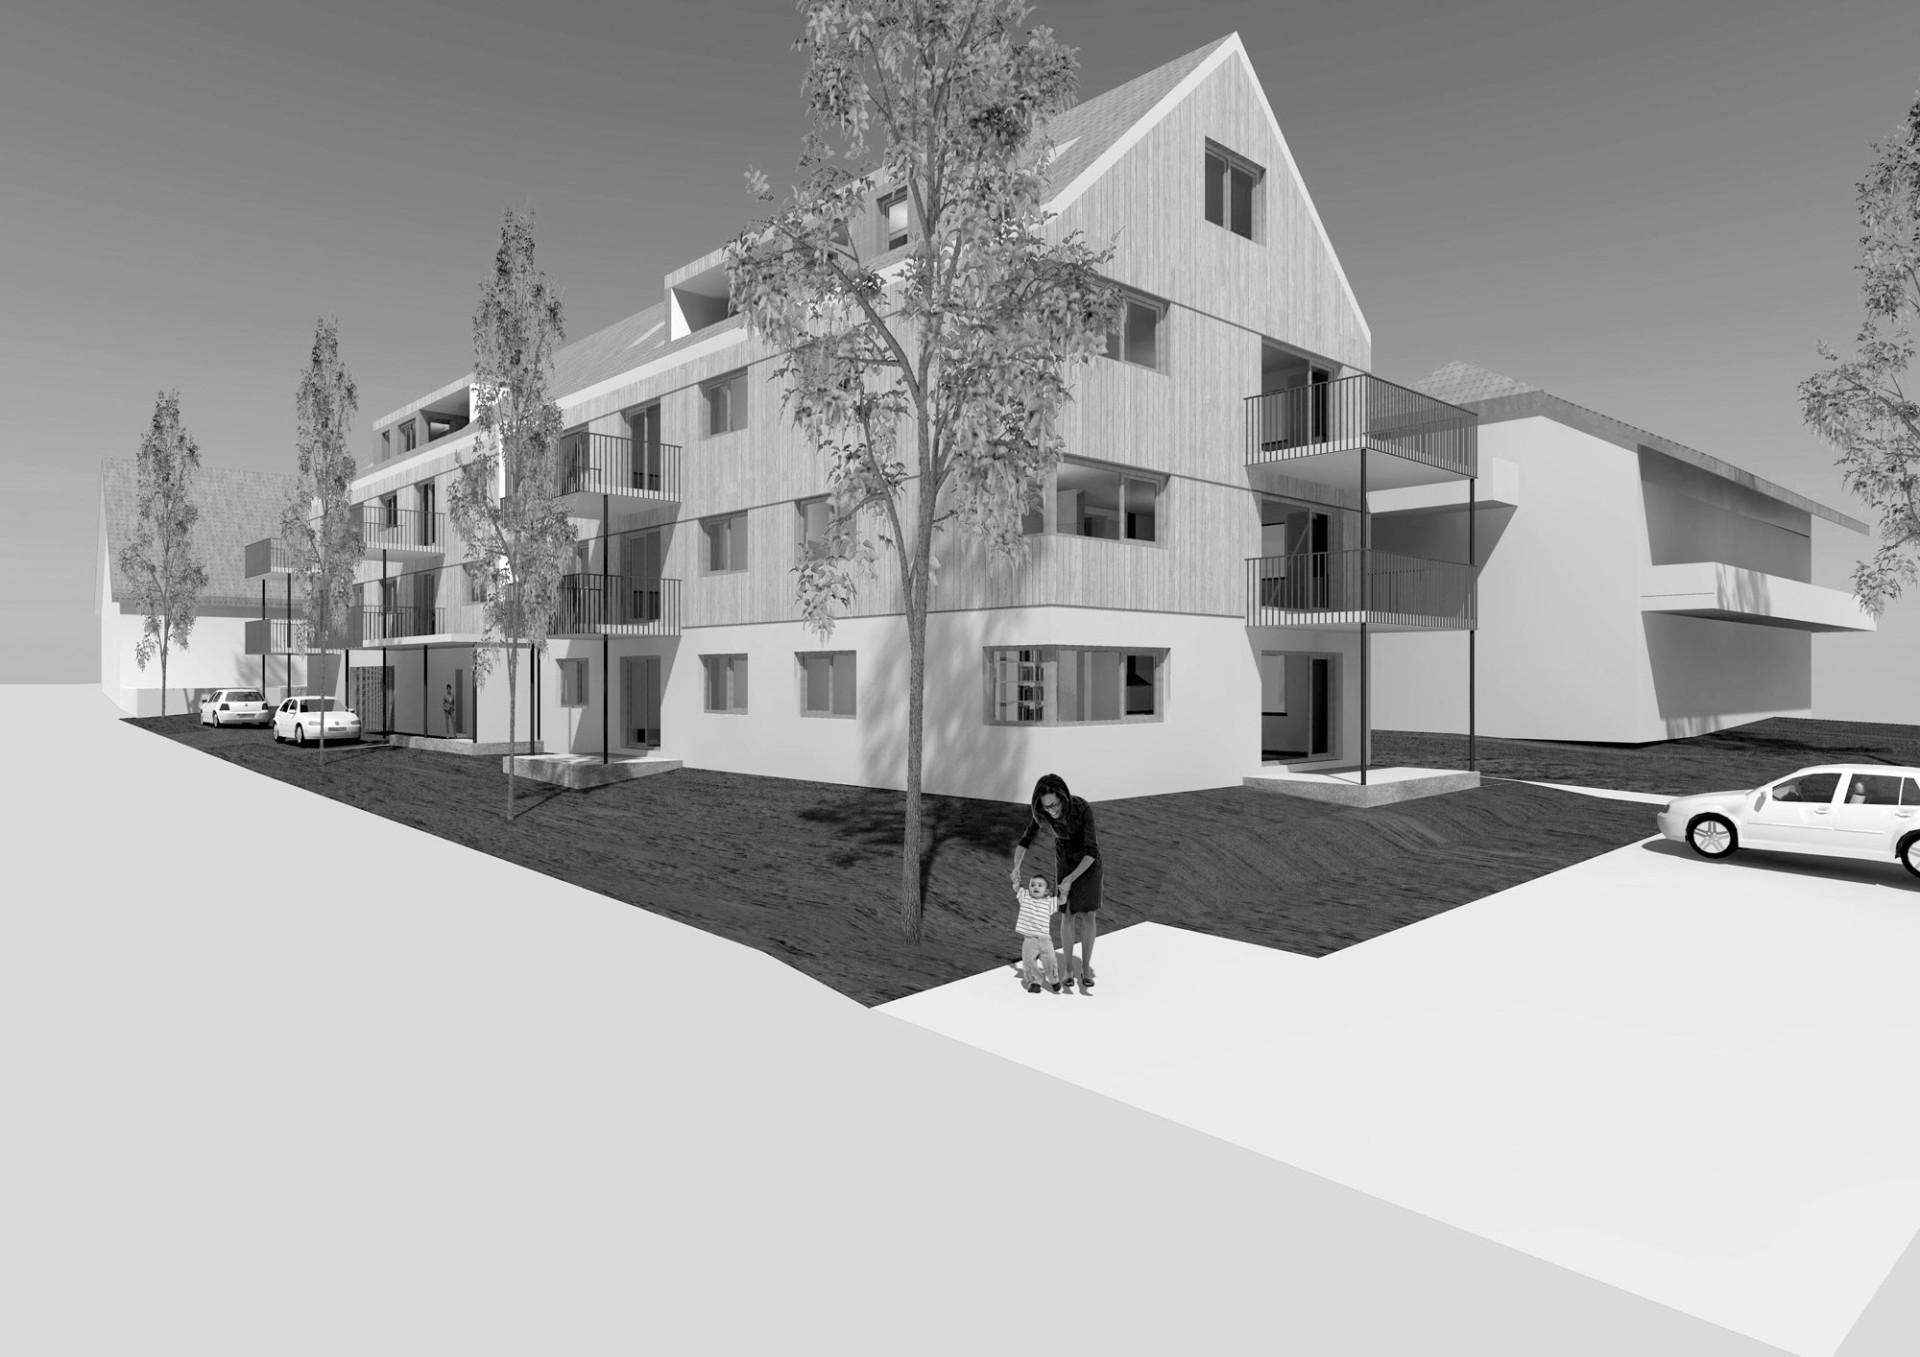 burkhardt-architekten.de »Fairtrade« Wohnbau